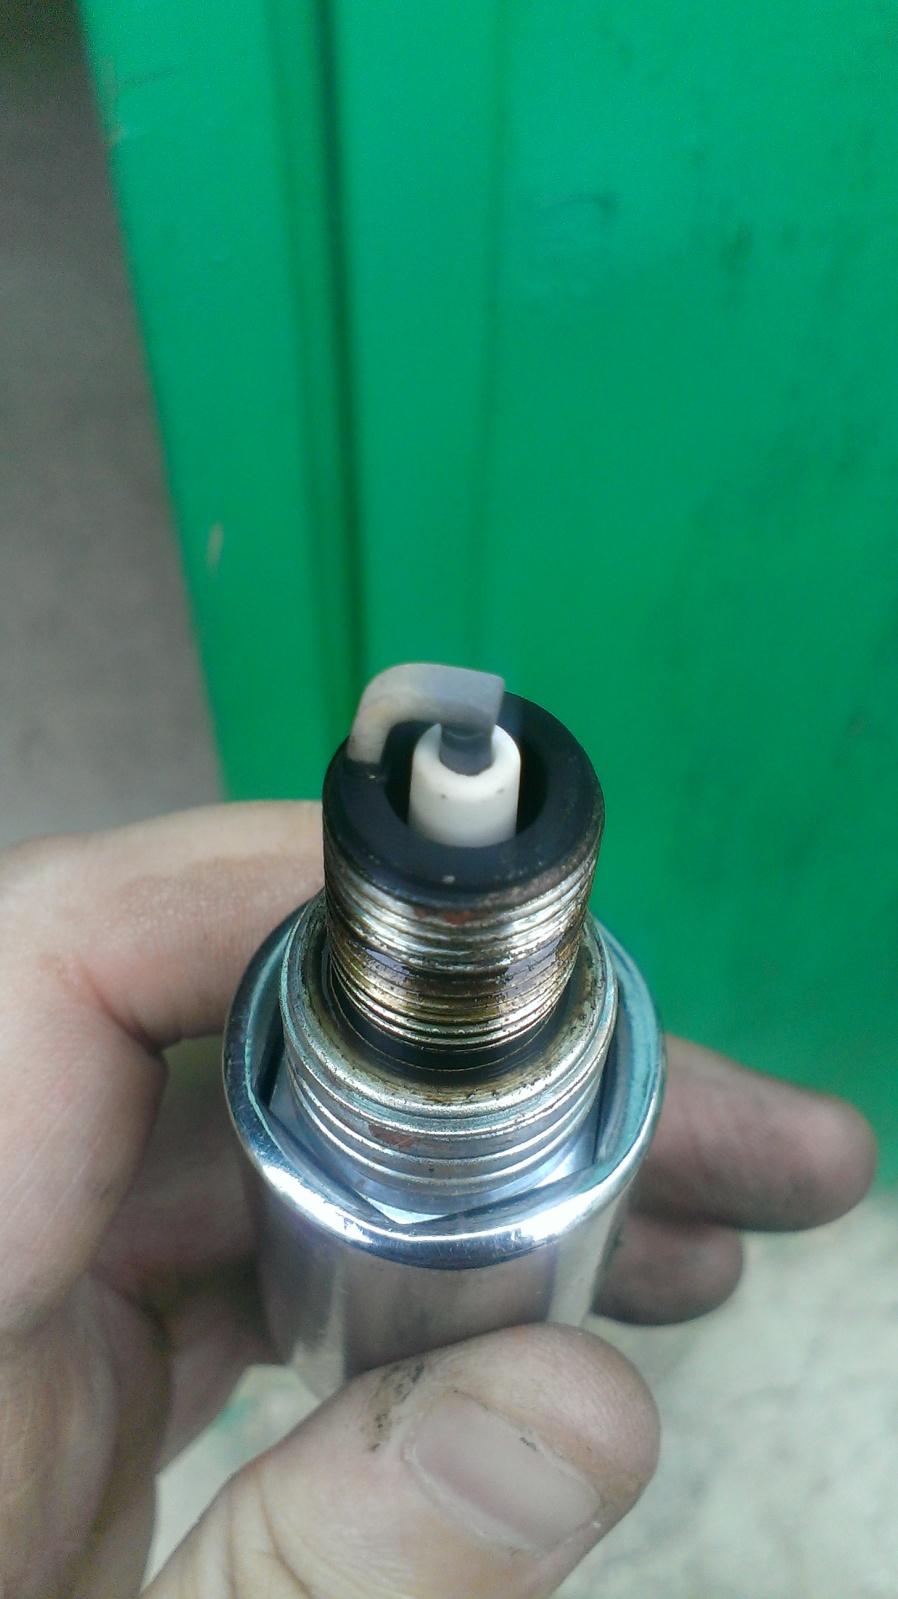 Limpieza del motor facil y nuevo aceite ( recomendado para niva 1600/1700) 2cs7xjp